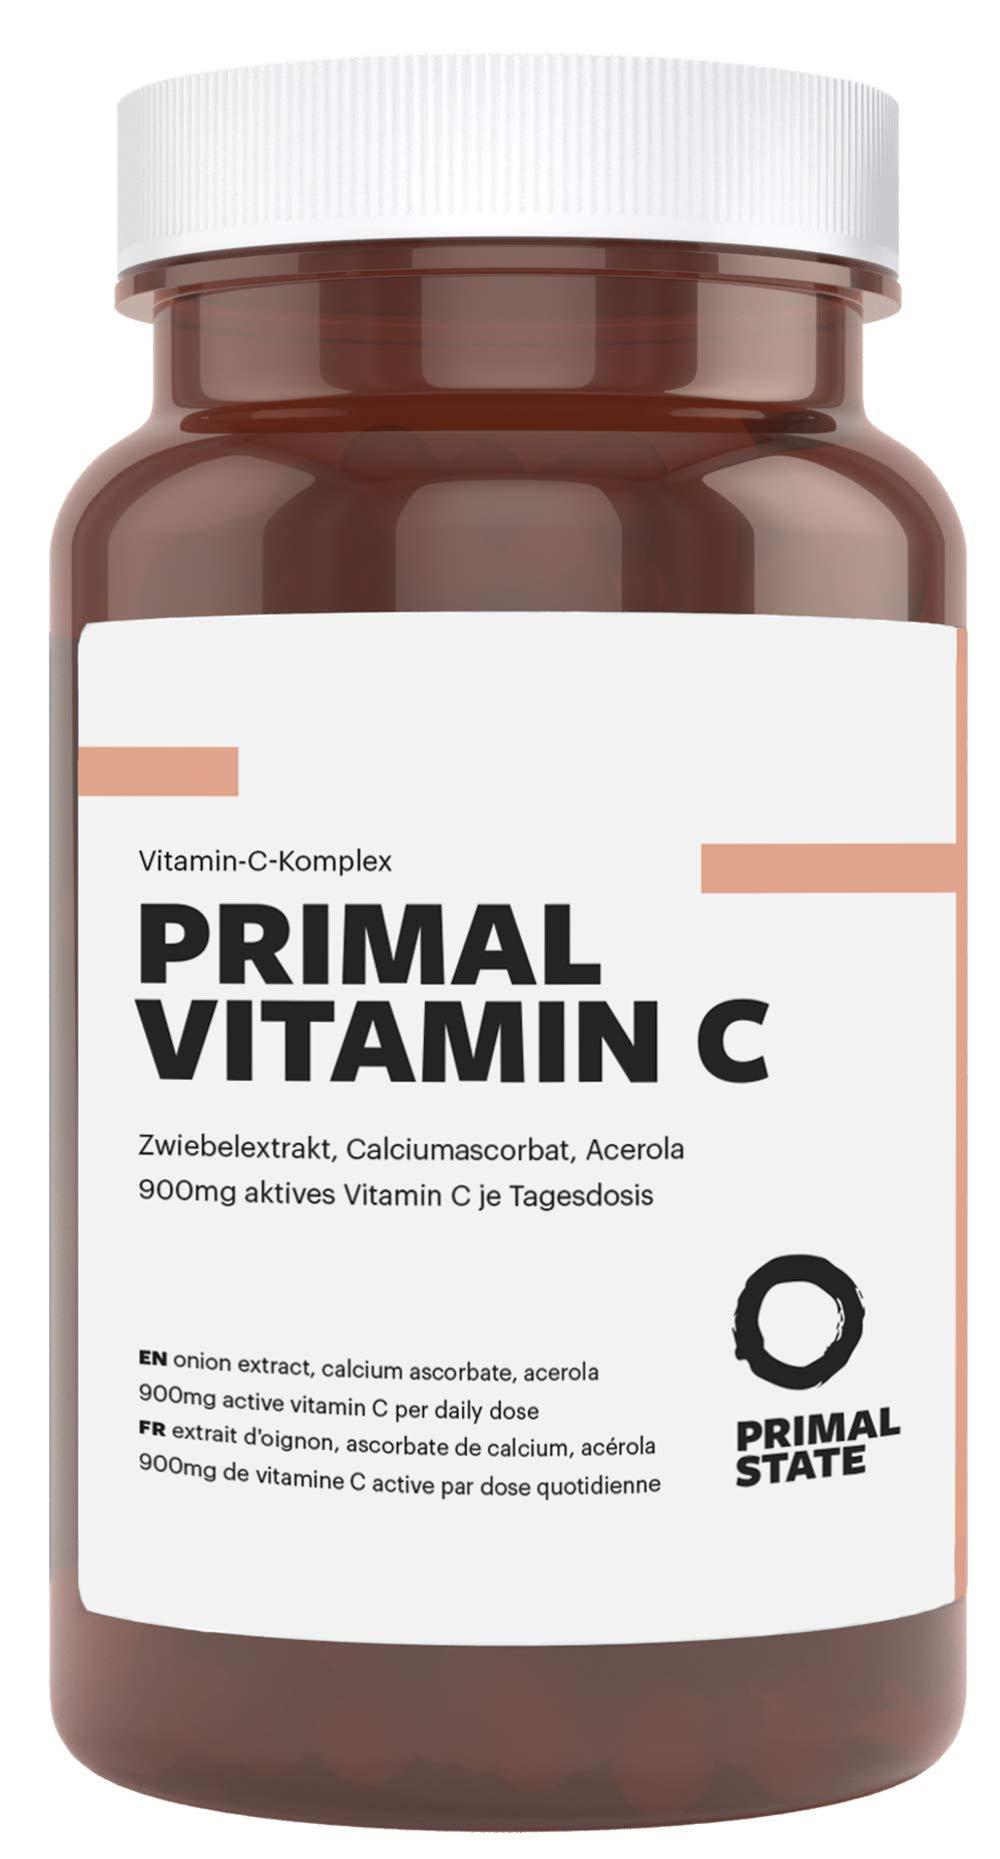 Vitamin C Hochdosiert | 900mg Aktives Vitamin C | Premium Calciumascorbat, Acerola Extrakt und Quercetin | Frei von Zusatzstoffen wie Magnesiumstearat oder Gelatine | Laborgeprüft – 90 Kapseln